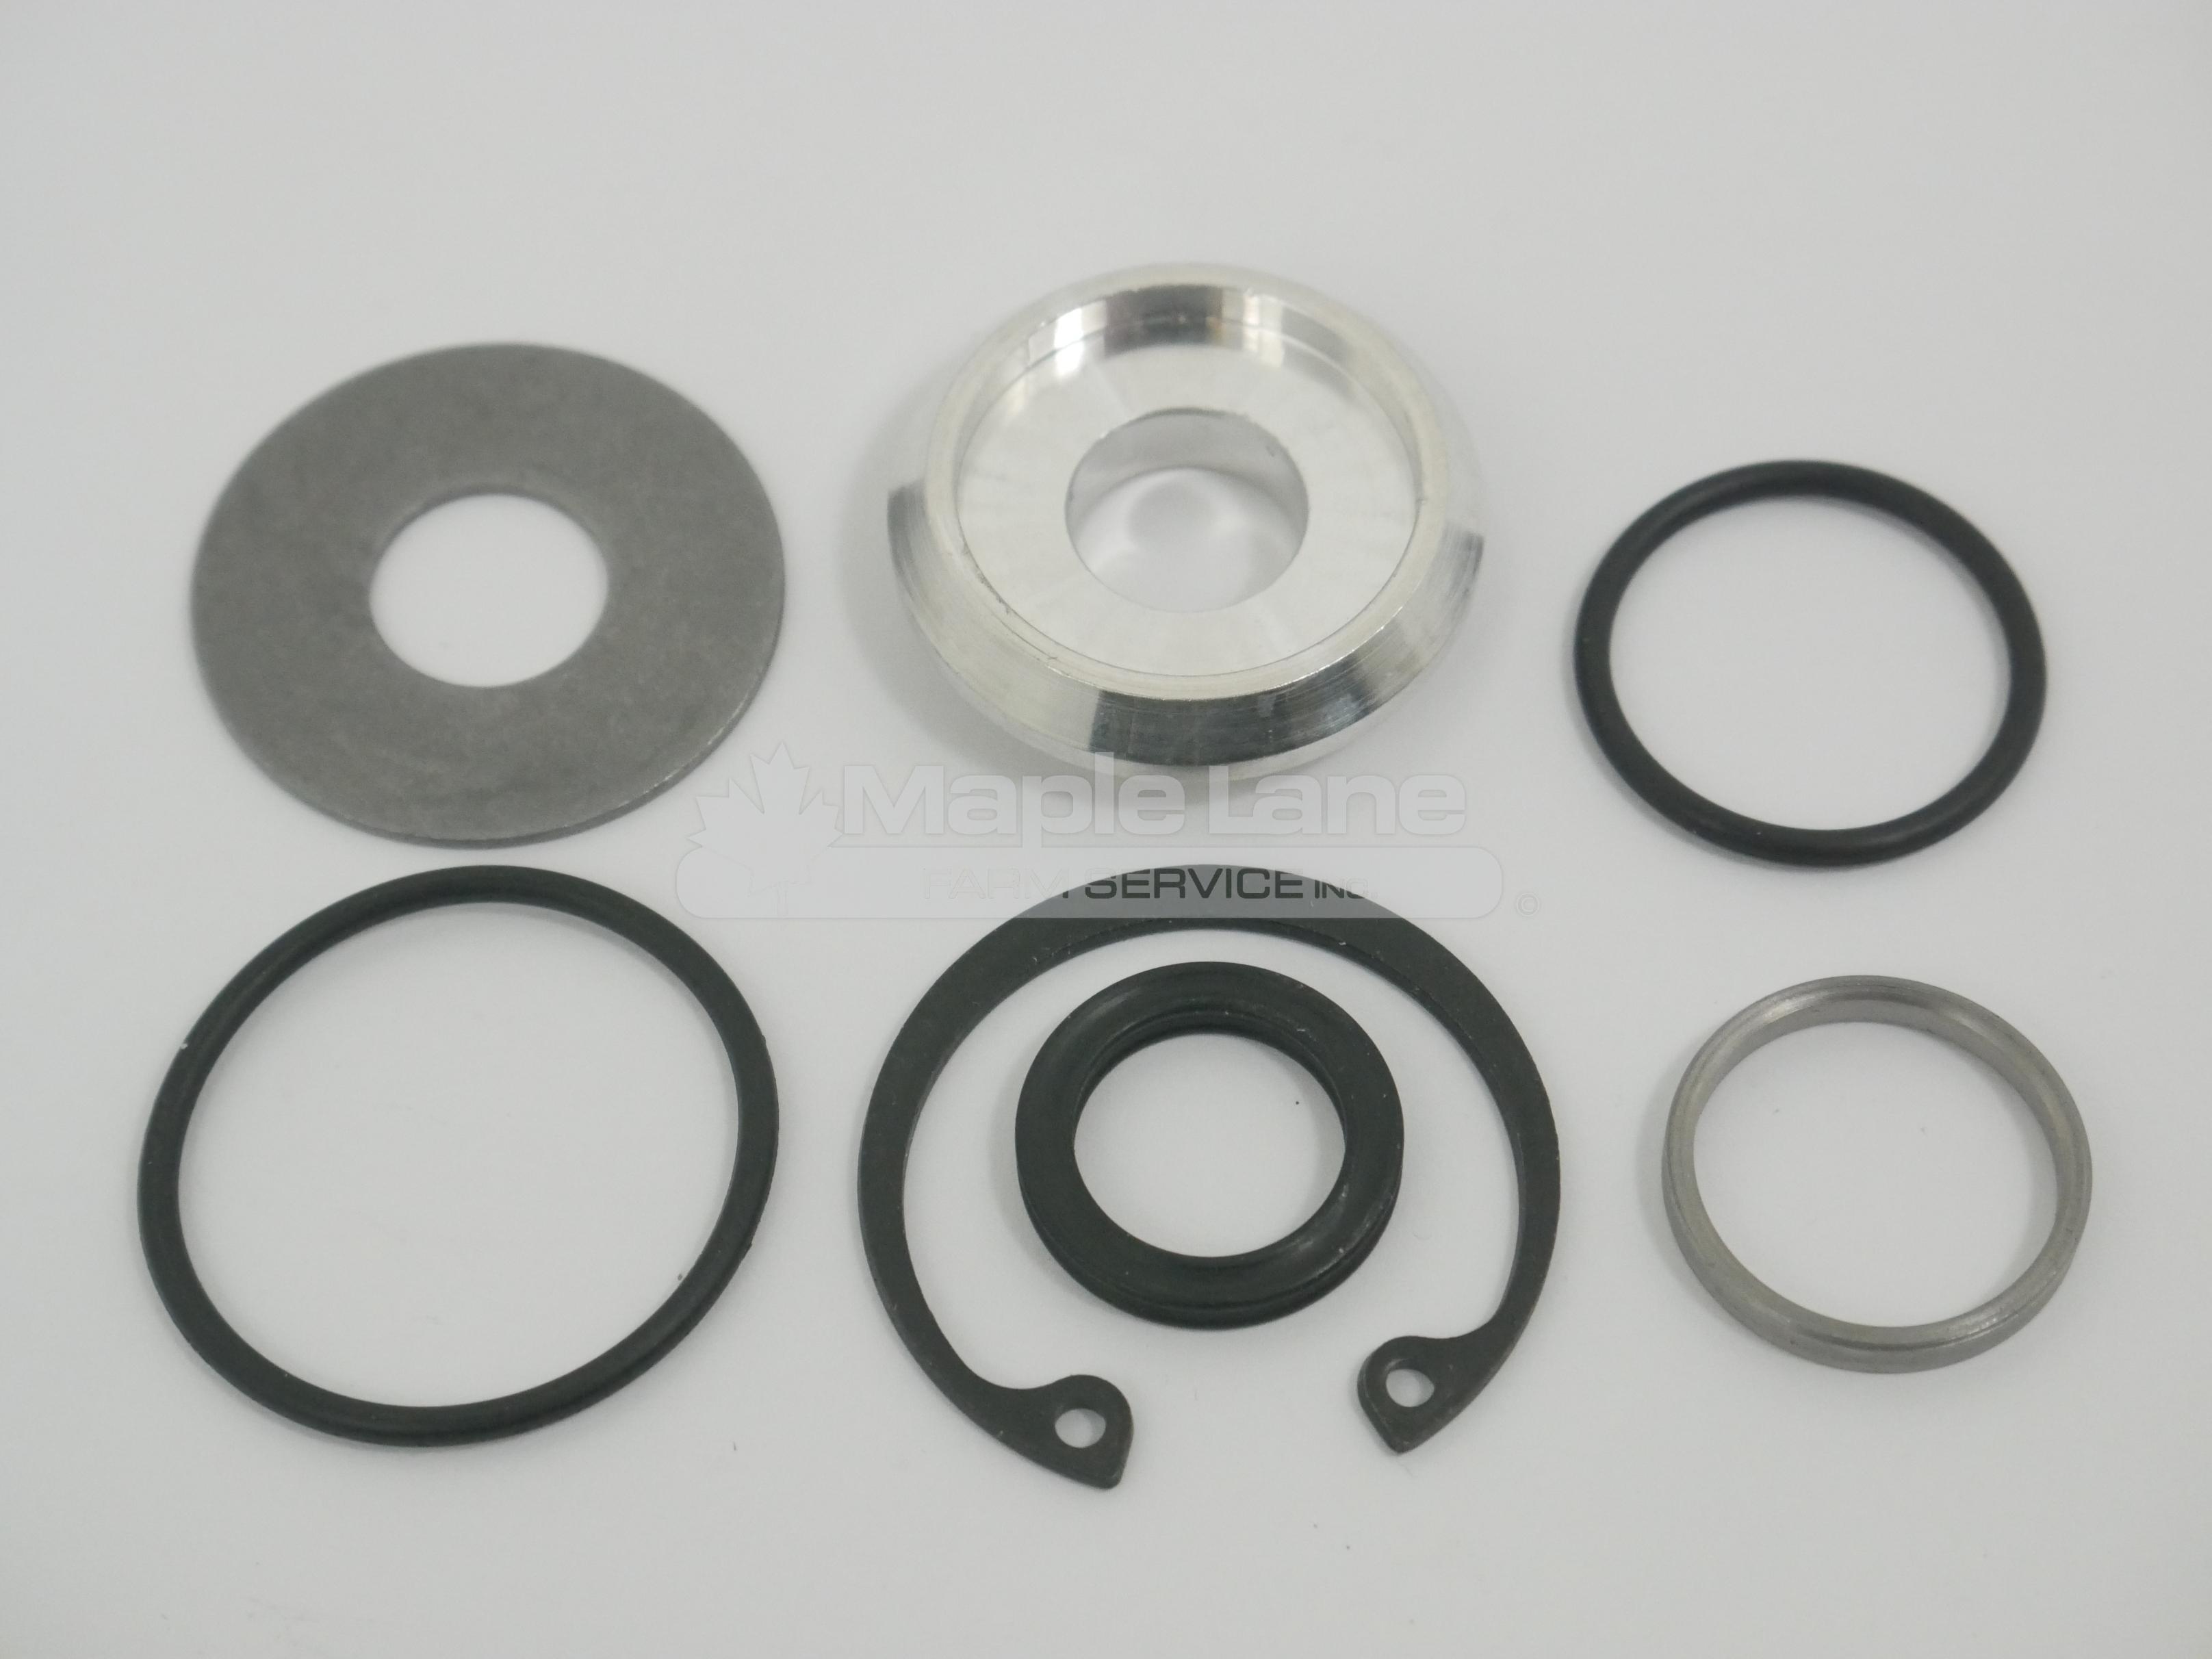 063593 Seal Kit